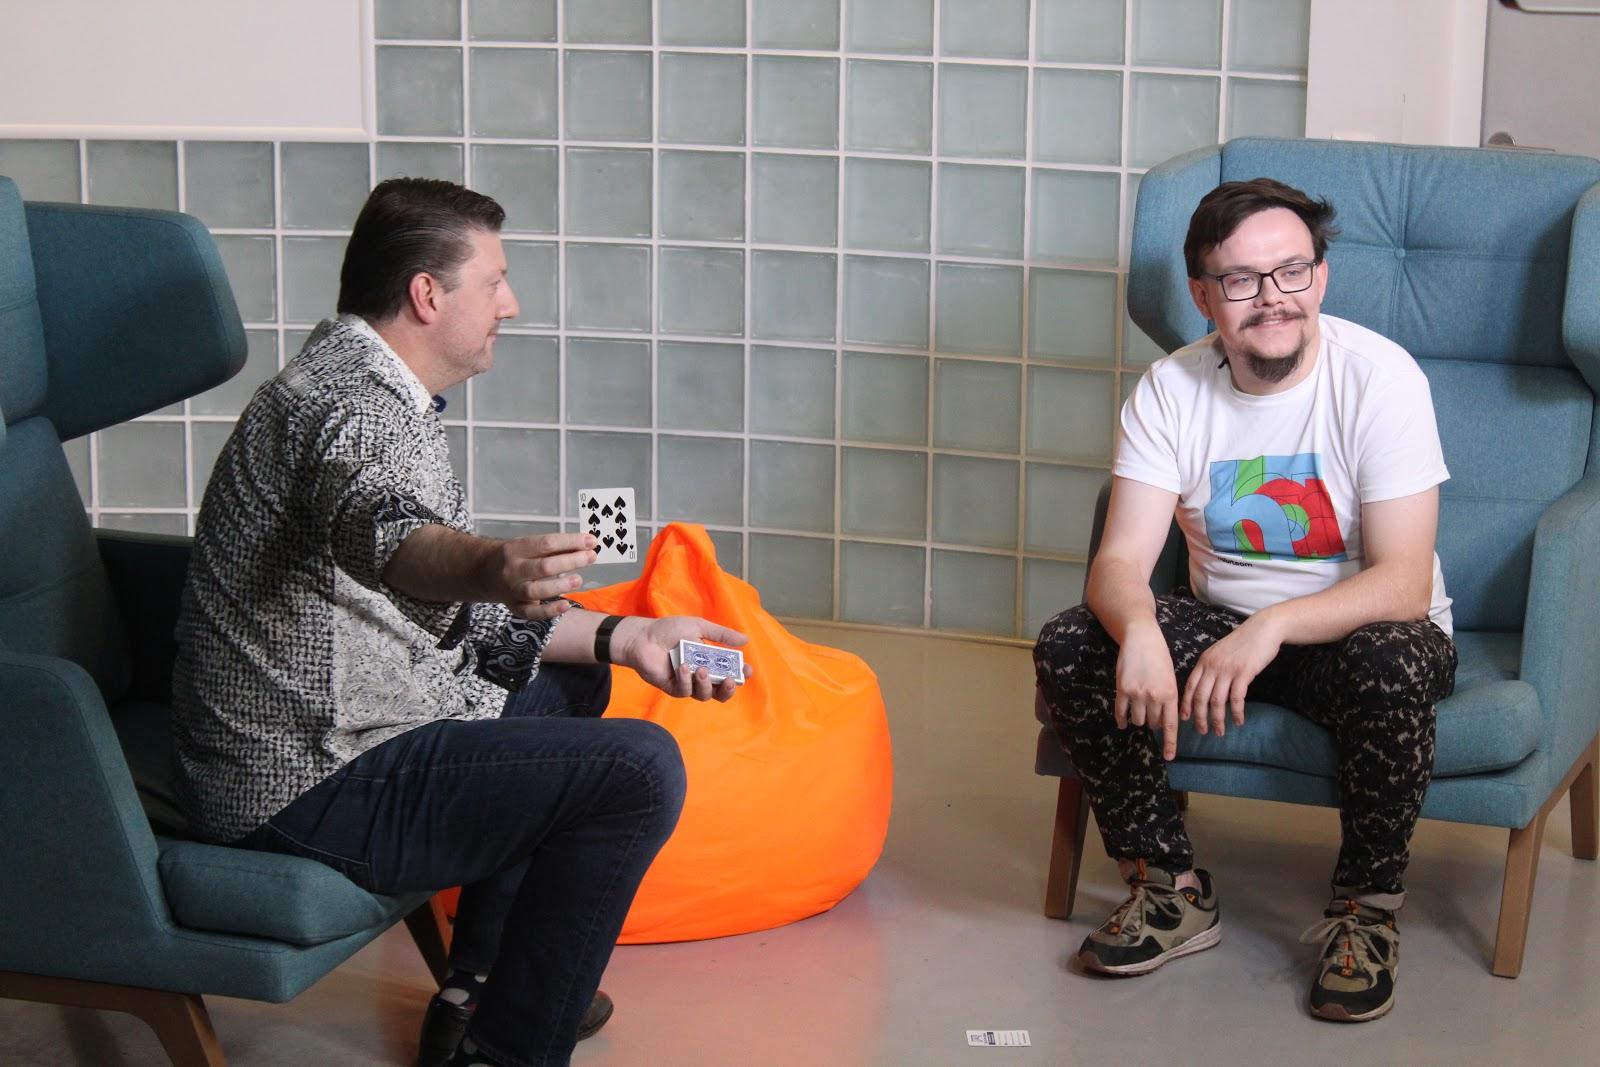 Тот, кто воскресил Duke Nukem: интервью с Рэнди Питчфордом, волшебником из Gearbox - 14